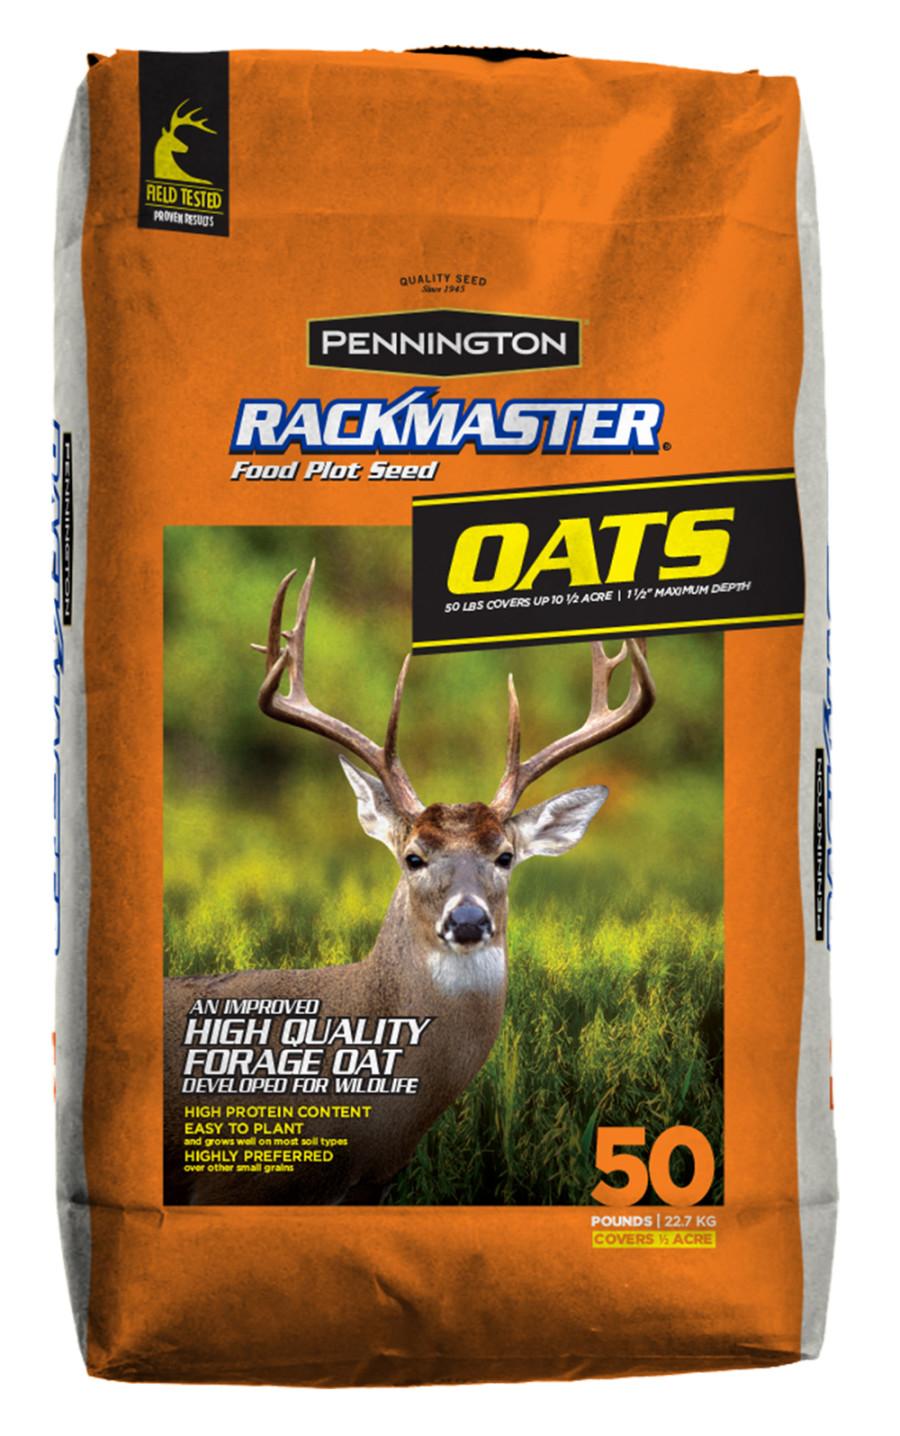 Pennington Rackmaster Food Plot Seed Oats 1ea/50 lb